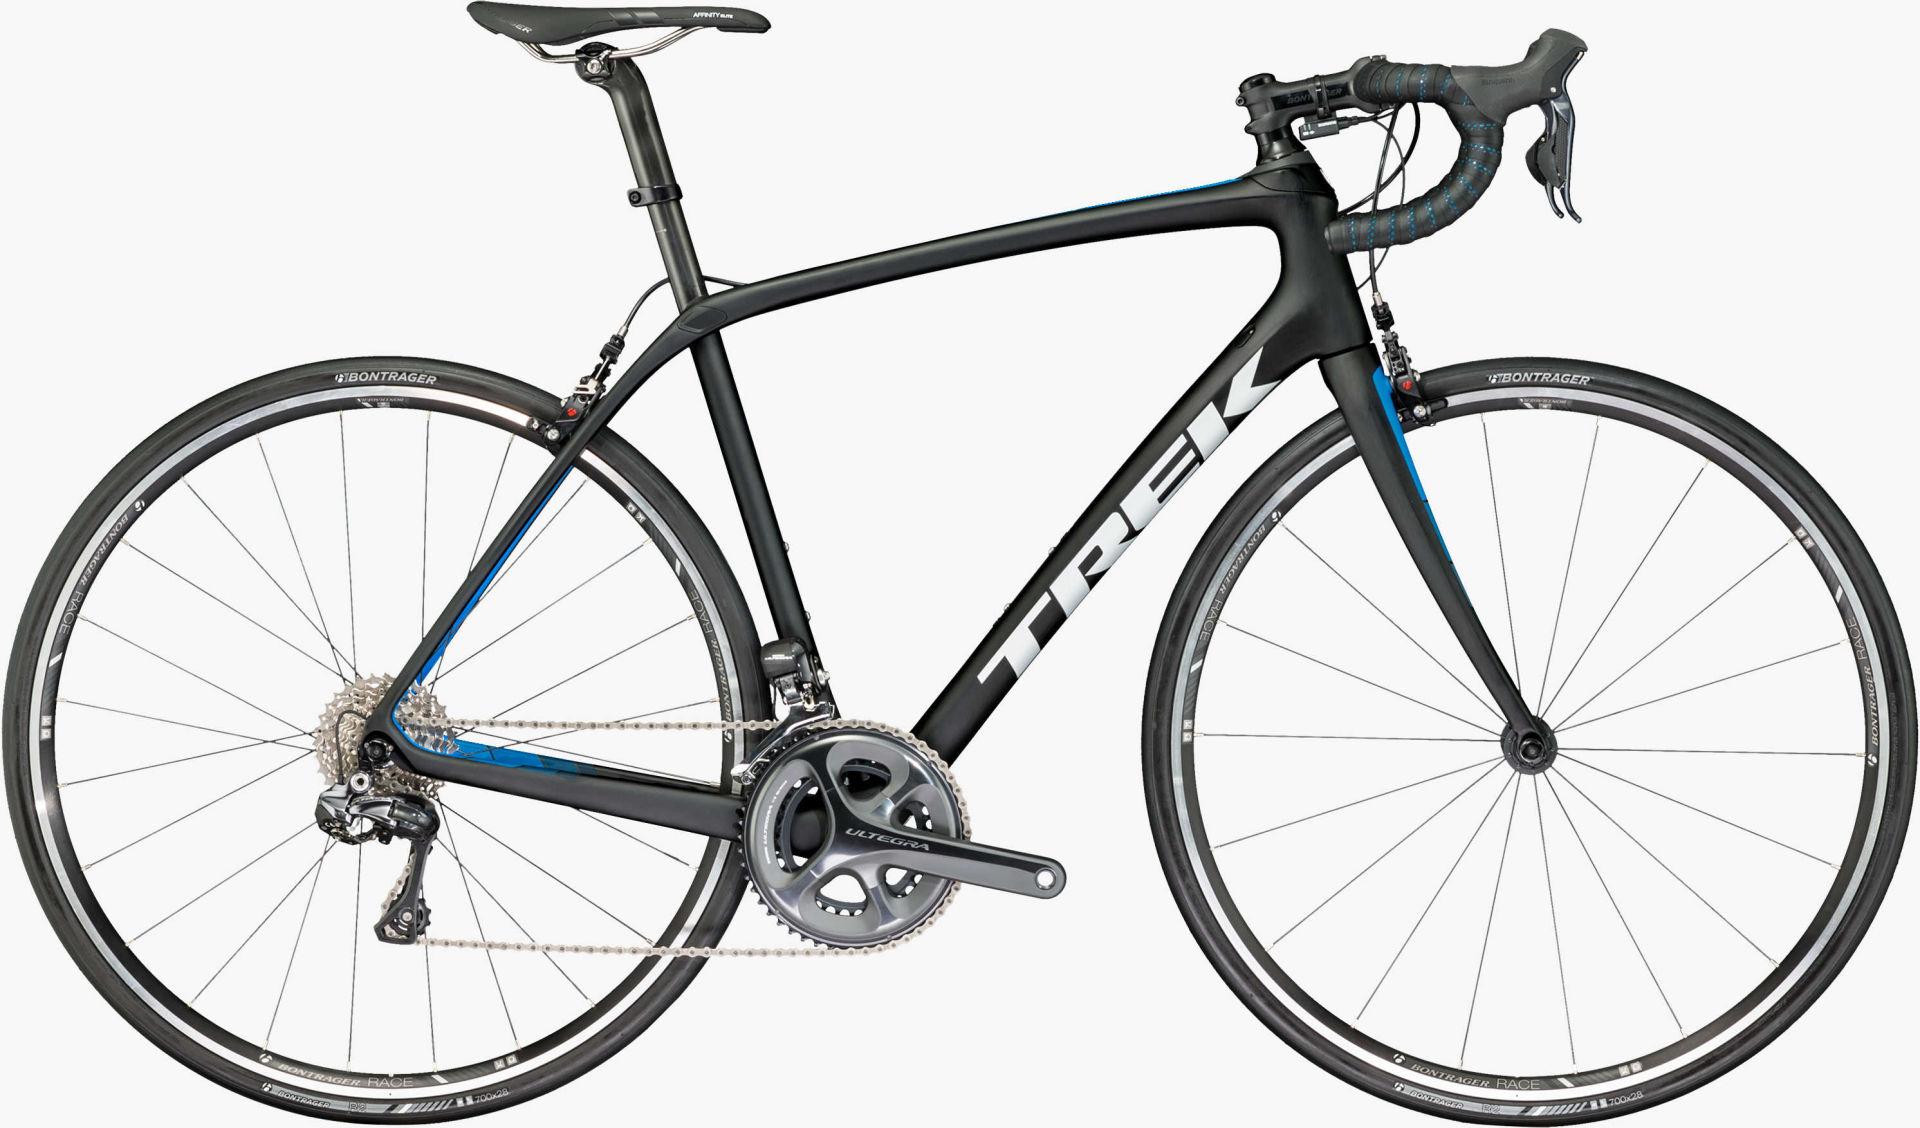 Trek Domane Sl 7 2017 Racing Bike